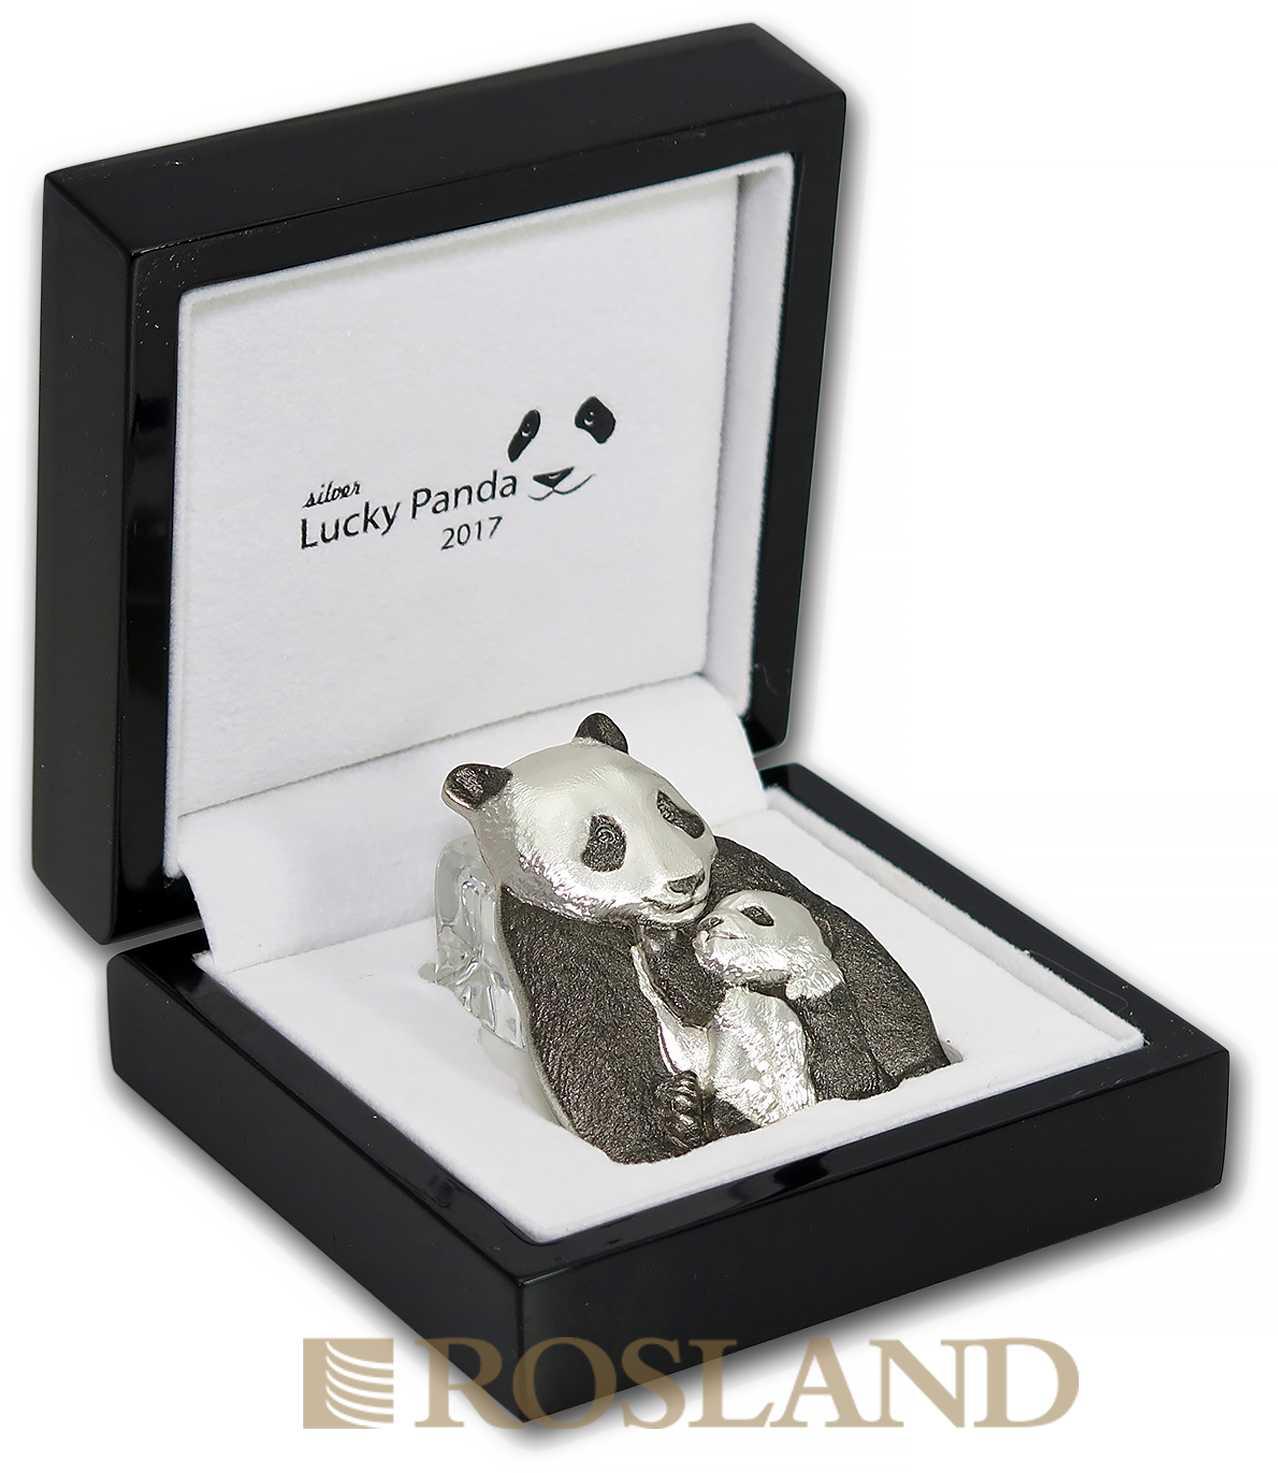 88 Gramm Silbermünze Cook Islands Lucky Panda 2017 (Box, Zertifikat)